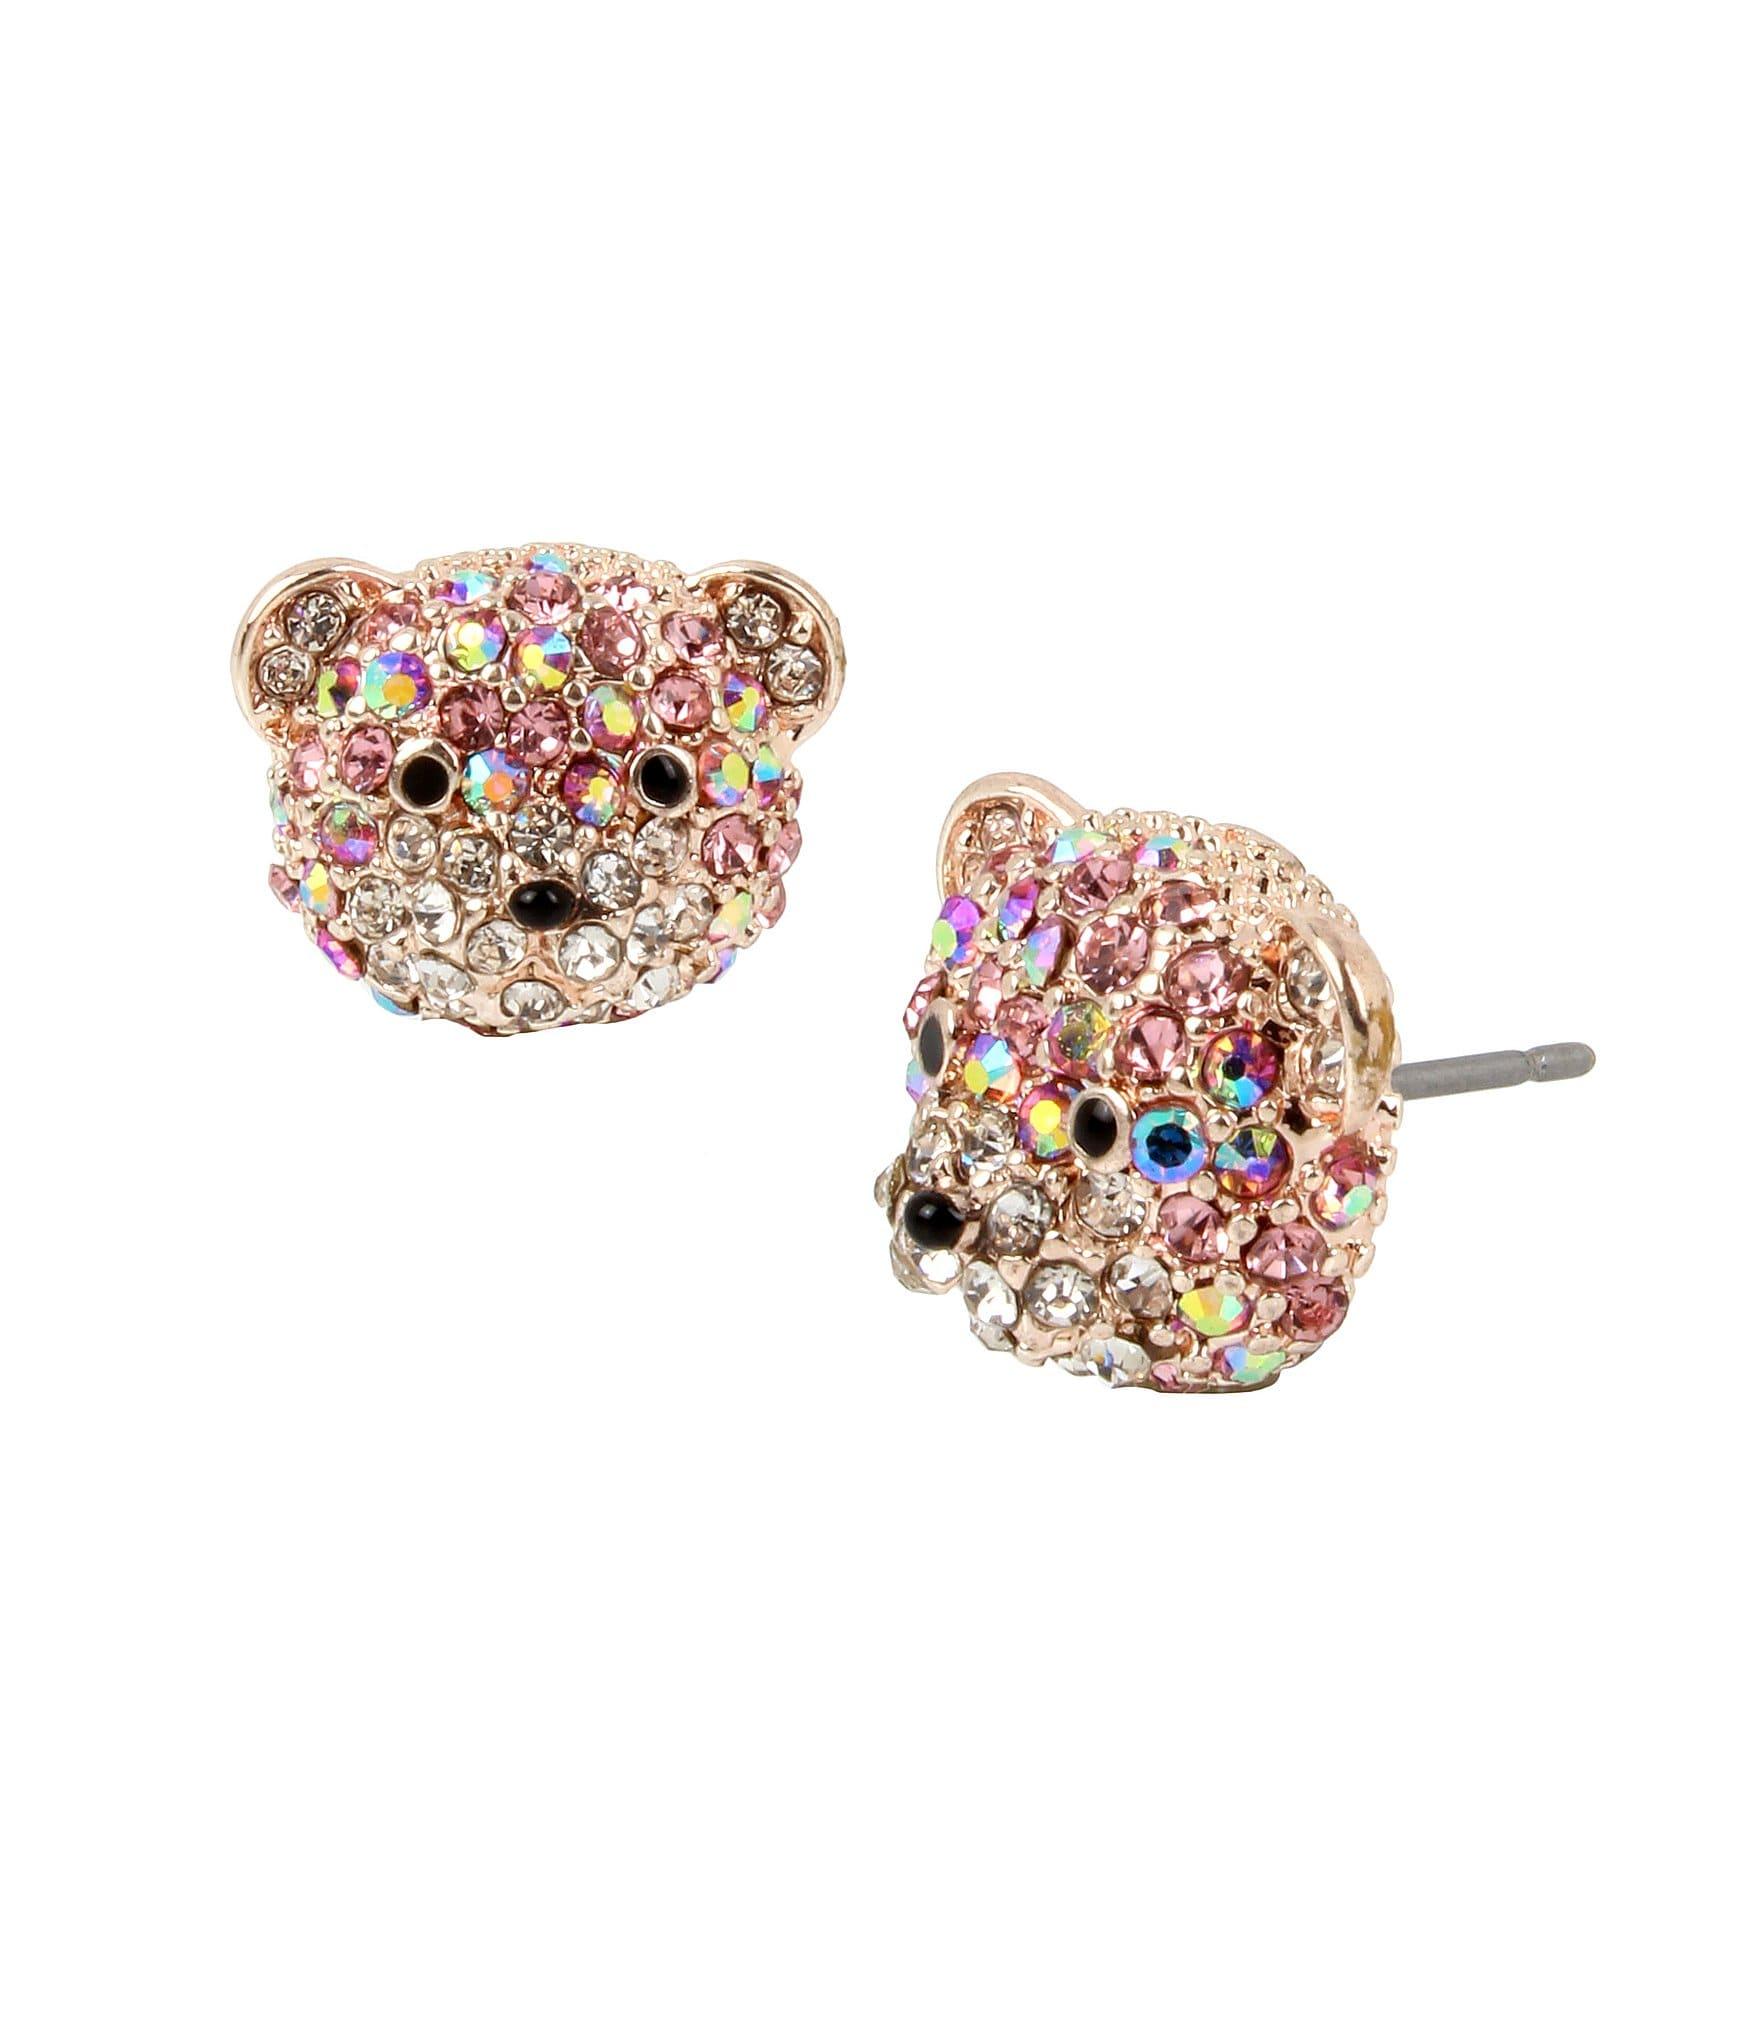 Accessories Jewelry Earrings Stud